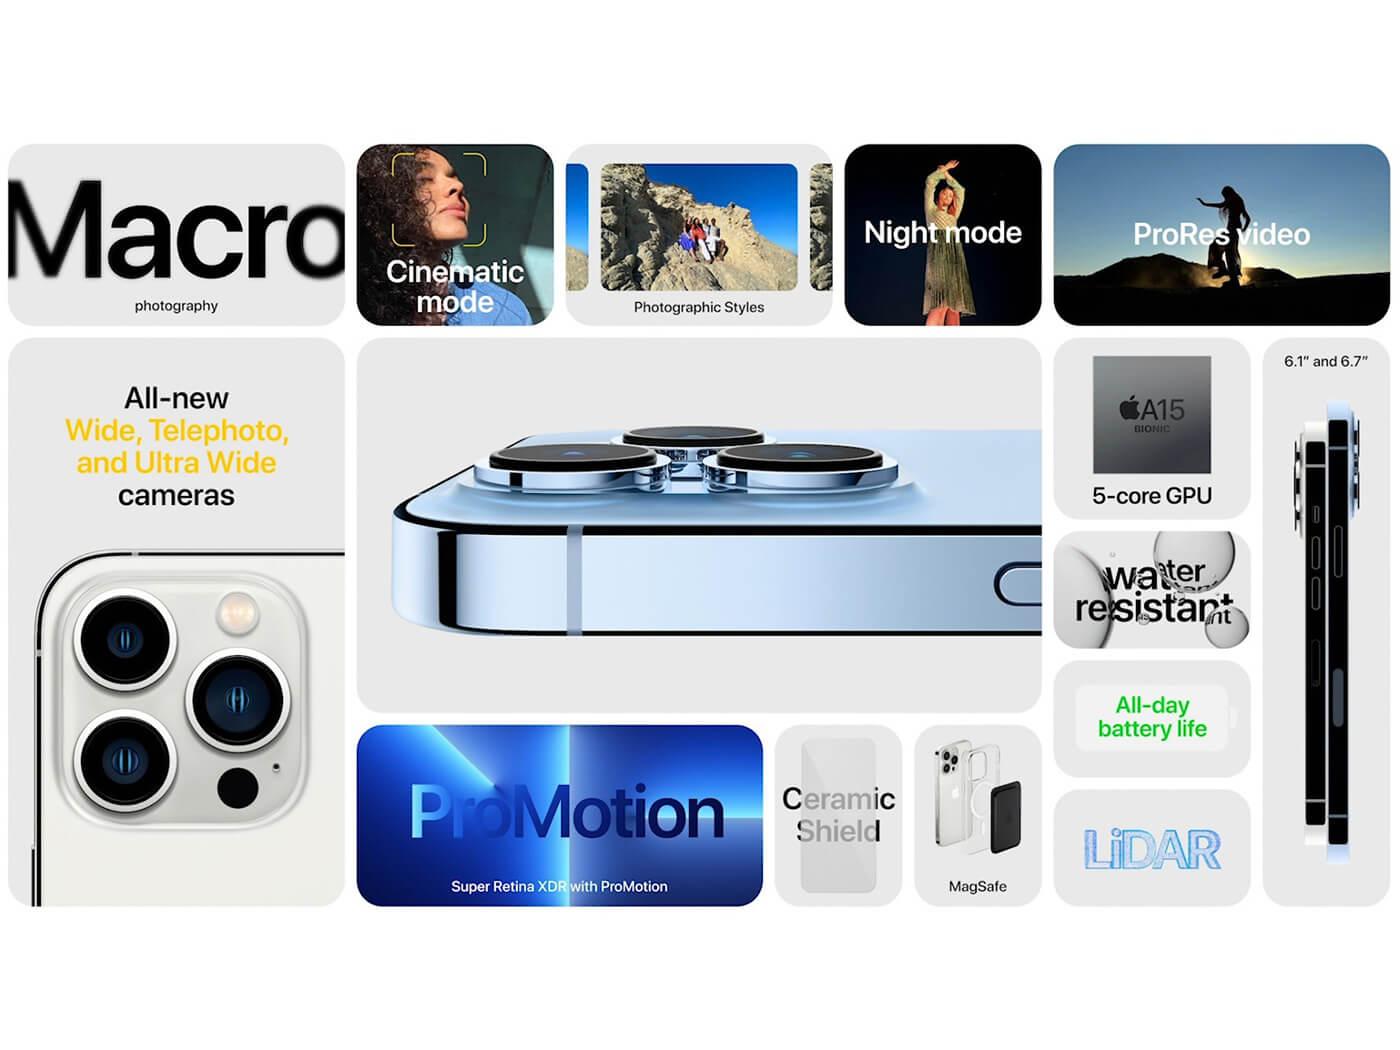 iPhone 13 Pro Max Specs